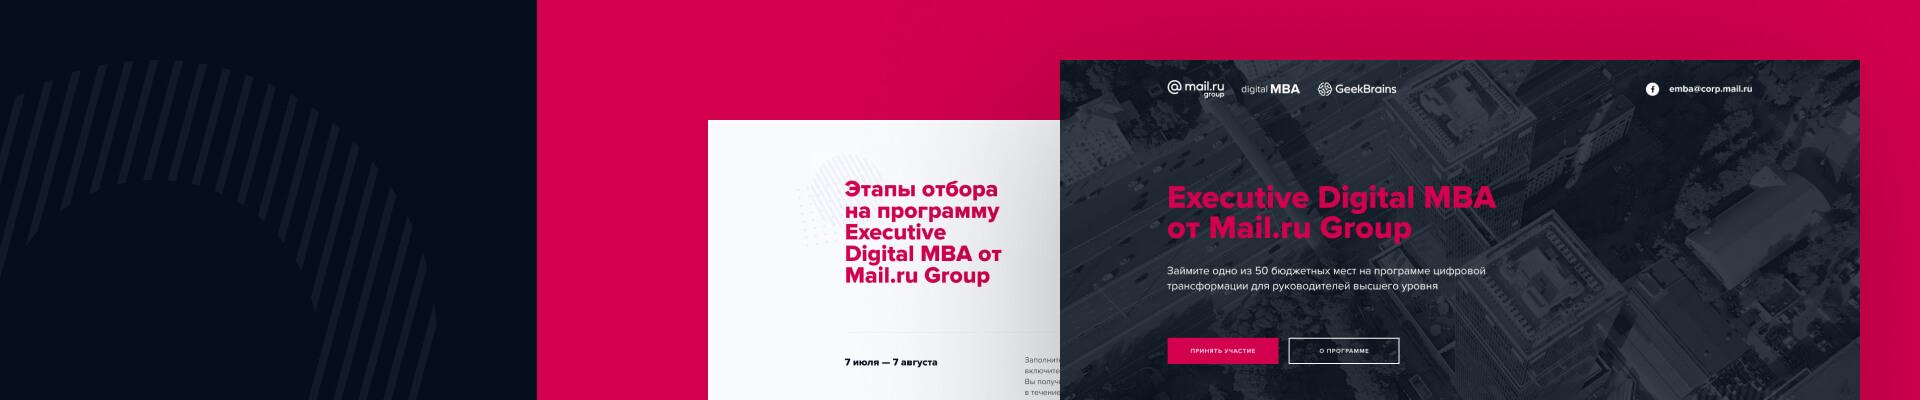 emba.gb.ru